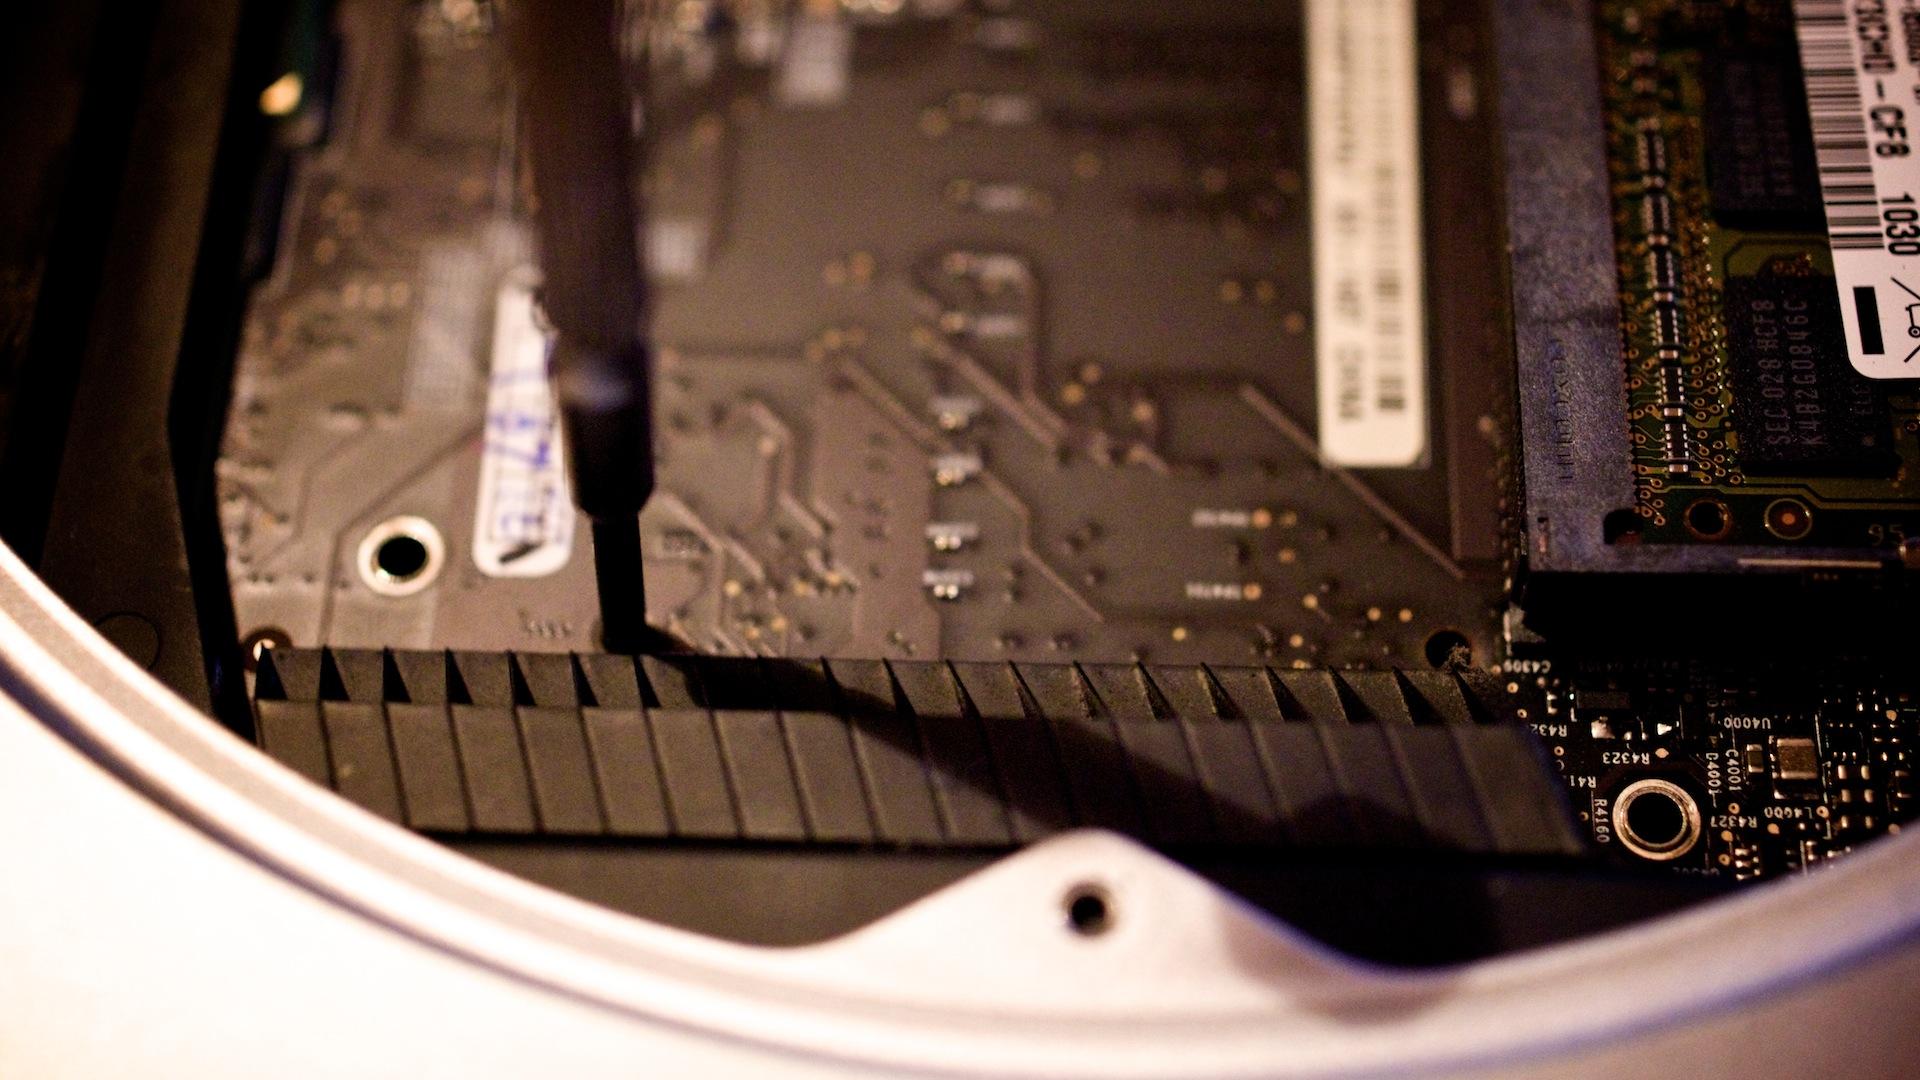 Plextor M5S SSD in Macmini2010 1152